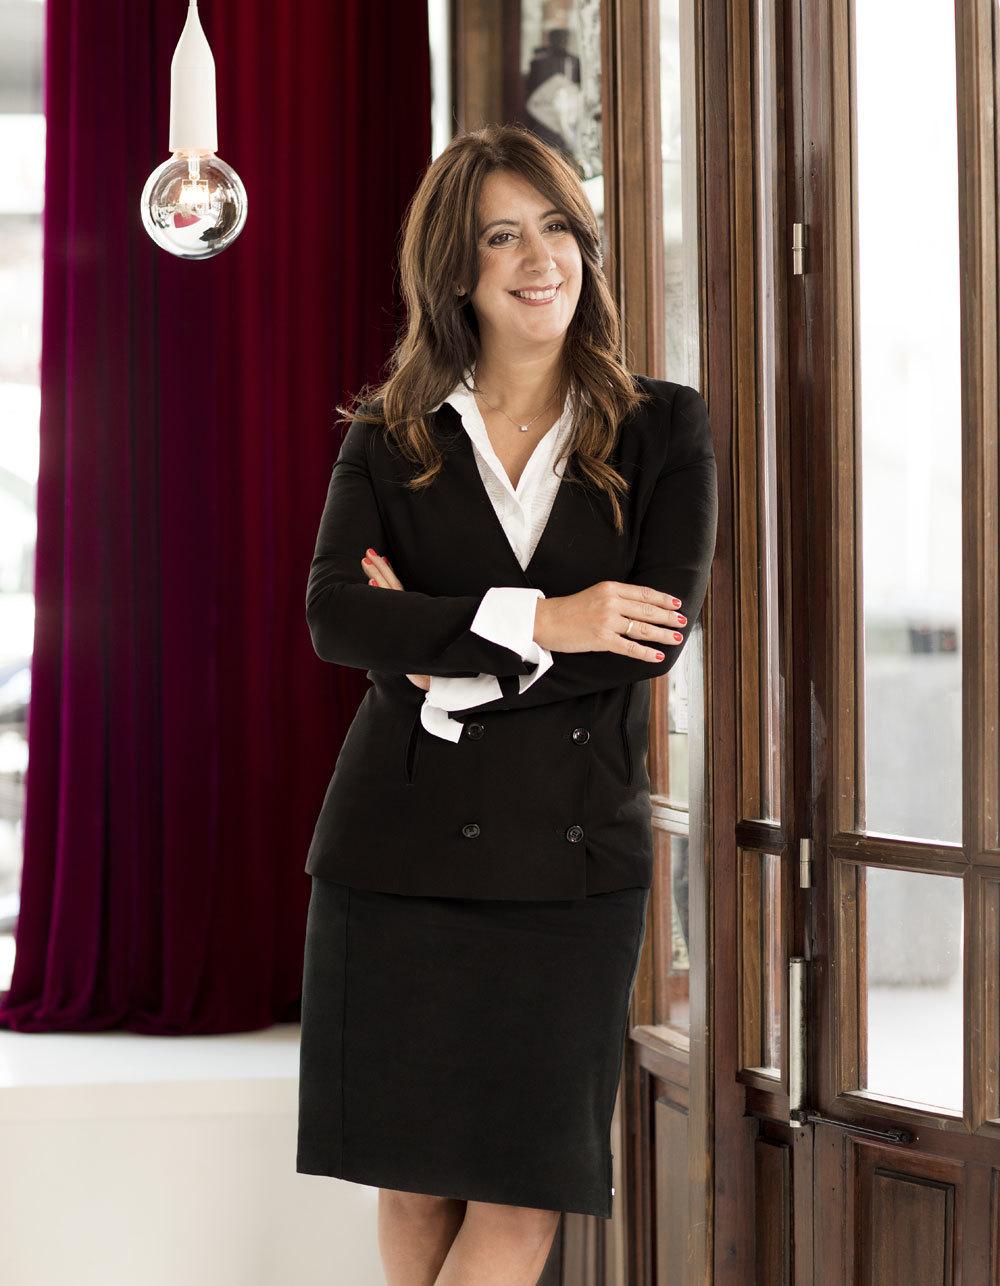 Dolores Redondo en el Hotel de las Letras de Madrid